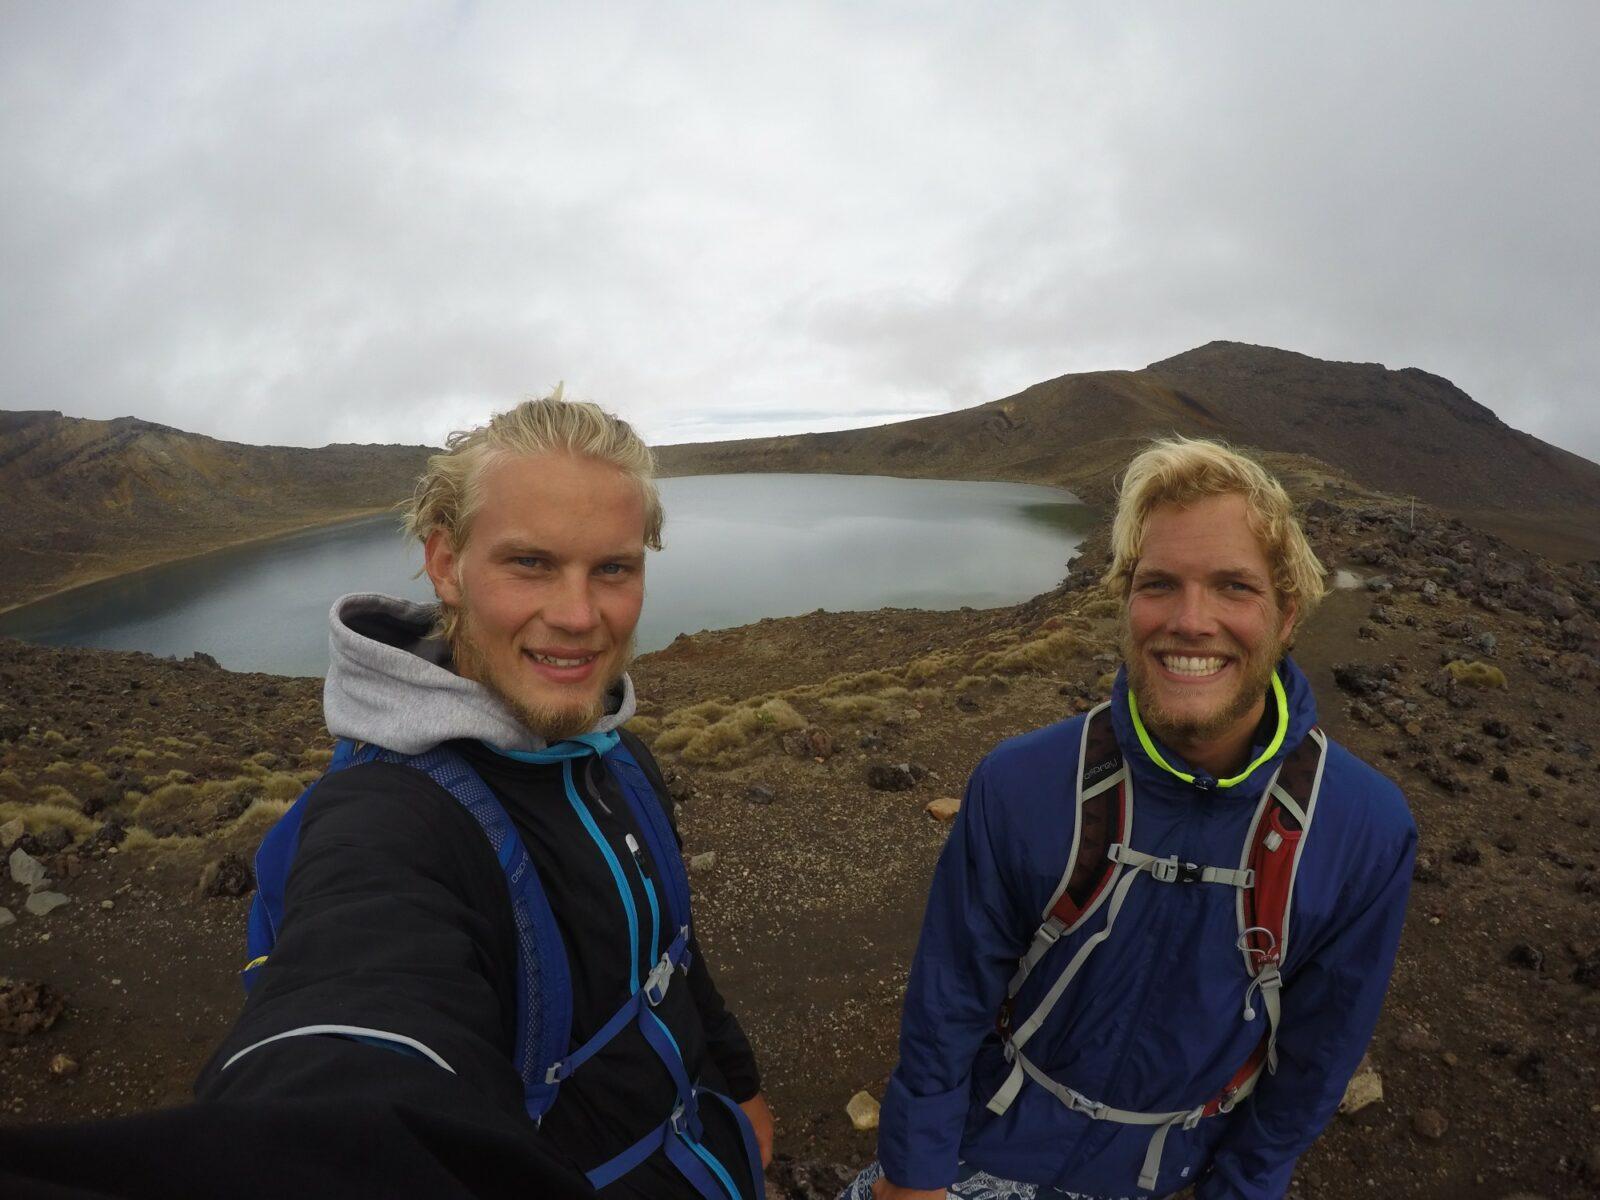 Mikkel og rasmus på backpacking rejse